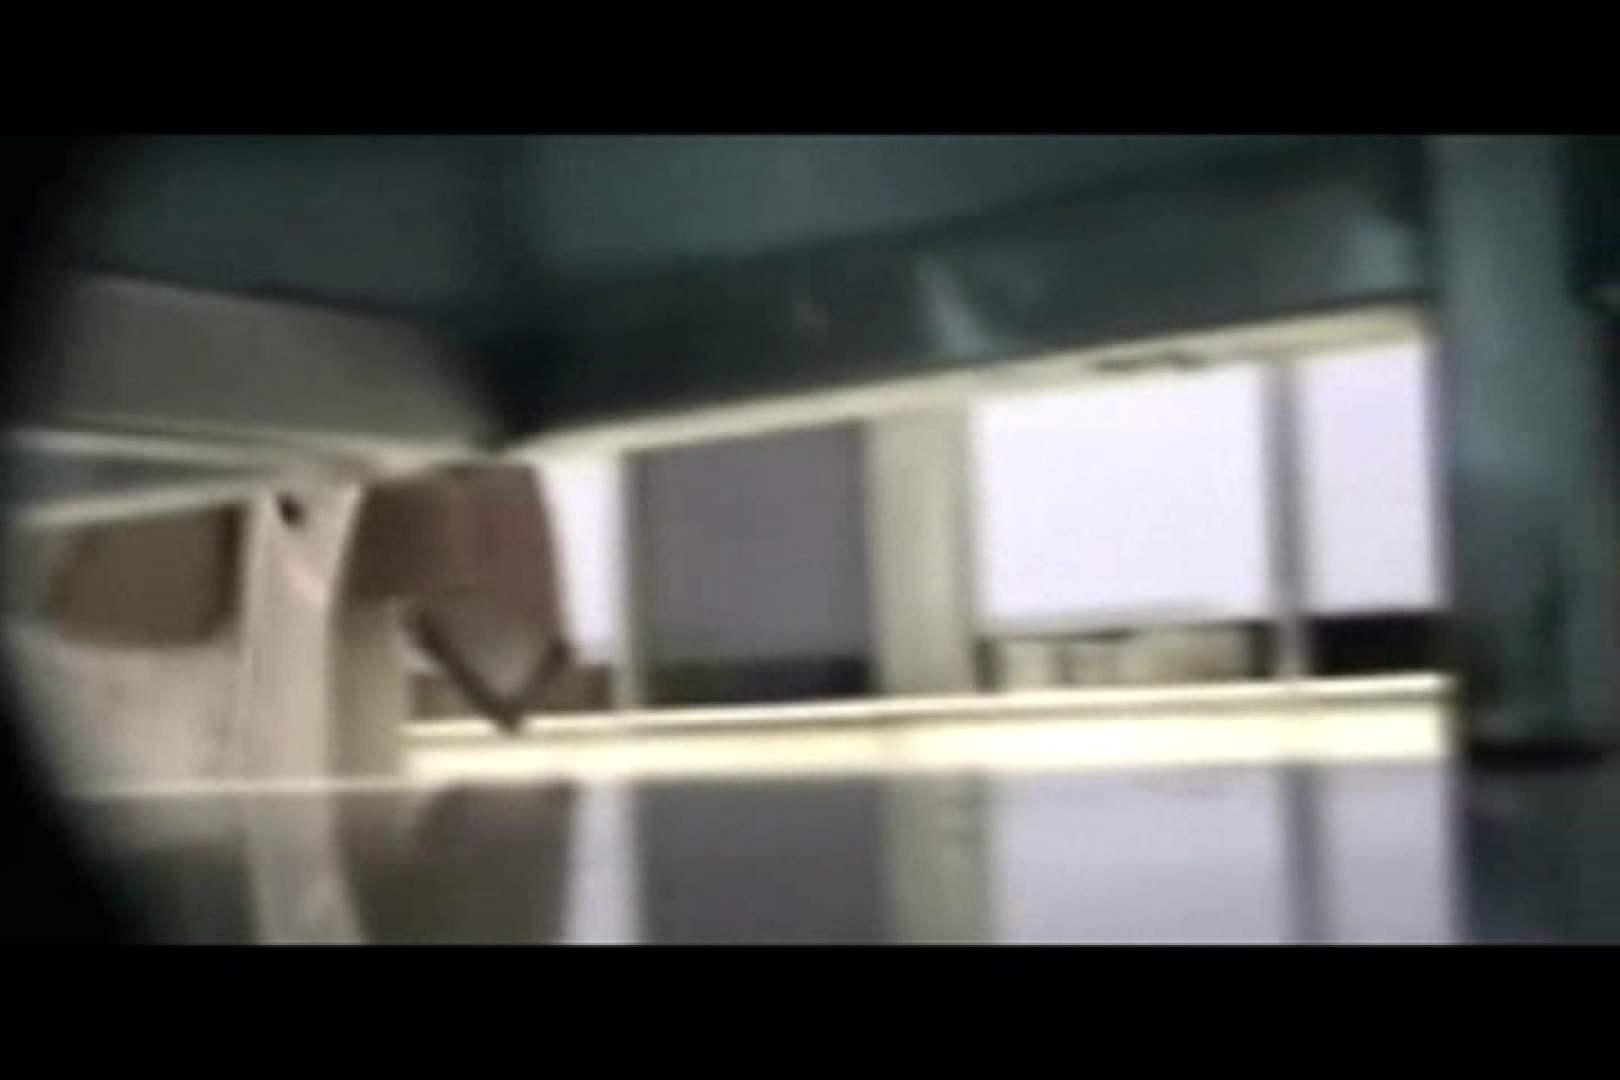 ぼっとん洗面所スペシャルVol.19 OLセックス | おまんこ無修正  87画像 52